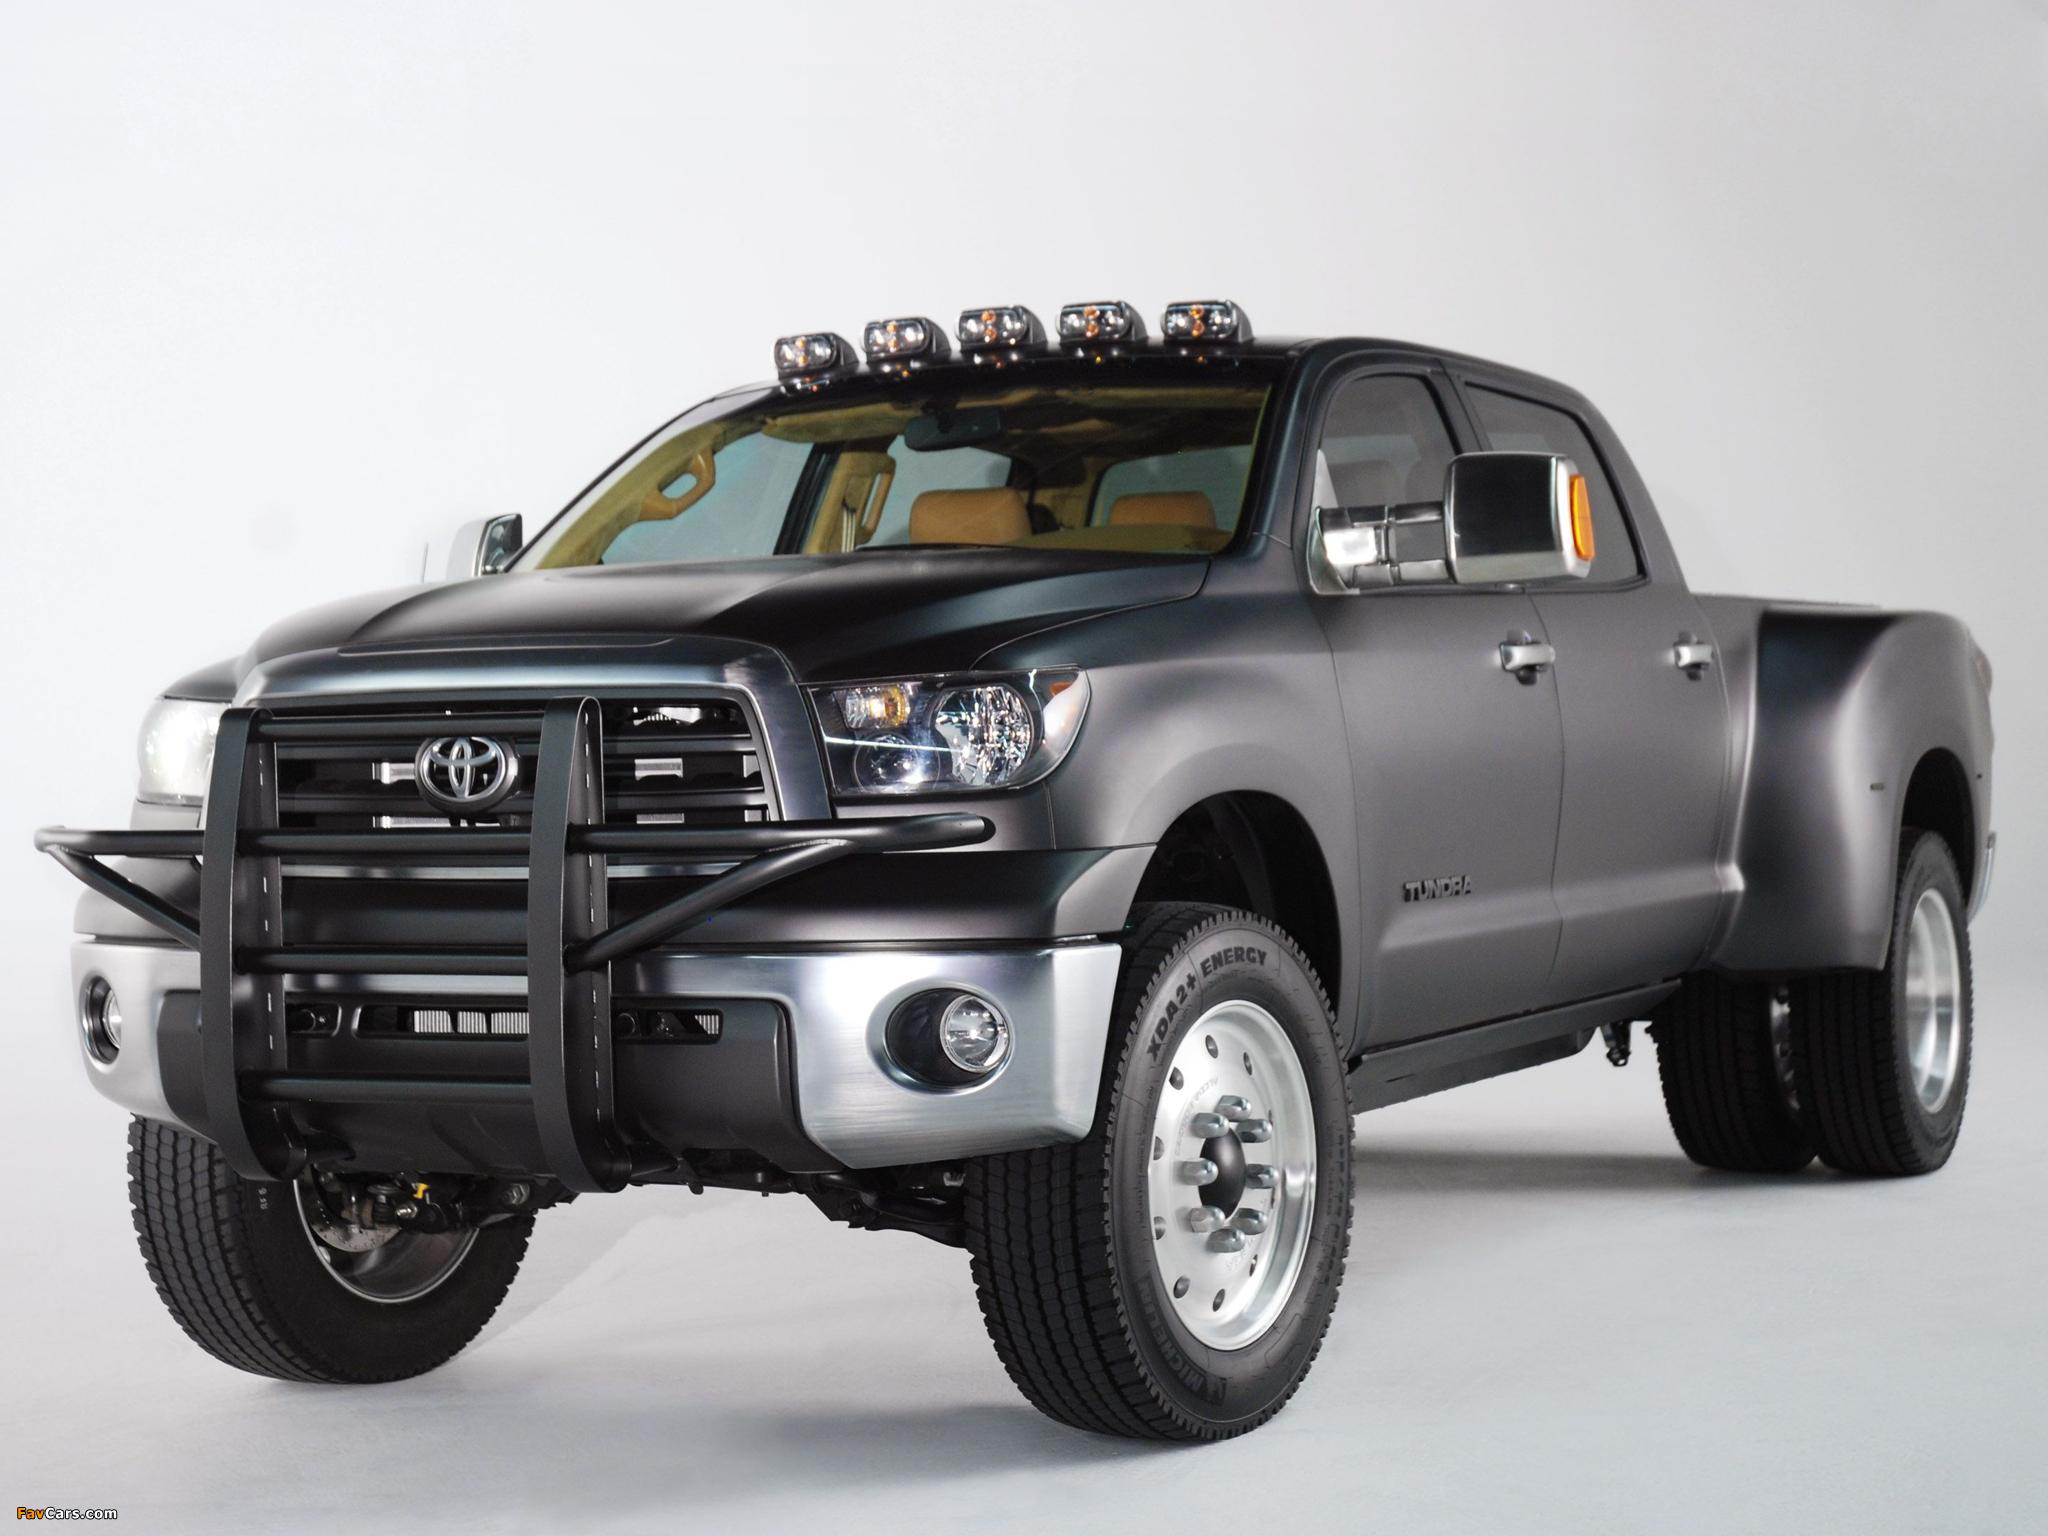 New Toyota Tundra Diesel >> 0 Toyota Tundra Wallpapers On Kubipet 2019 Toyota Tundra